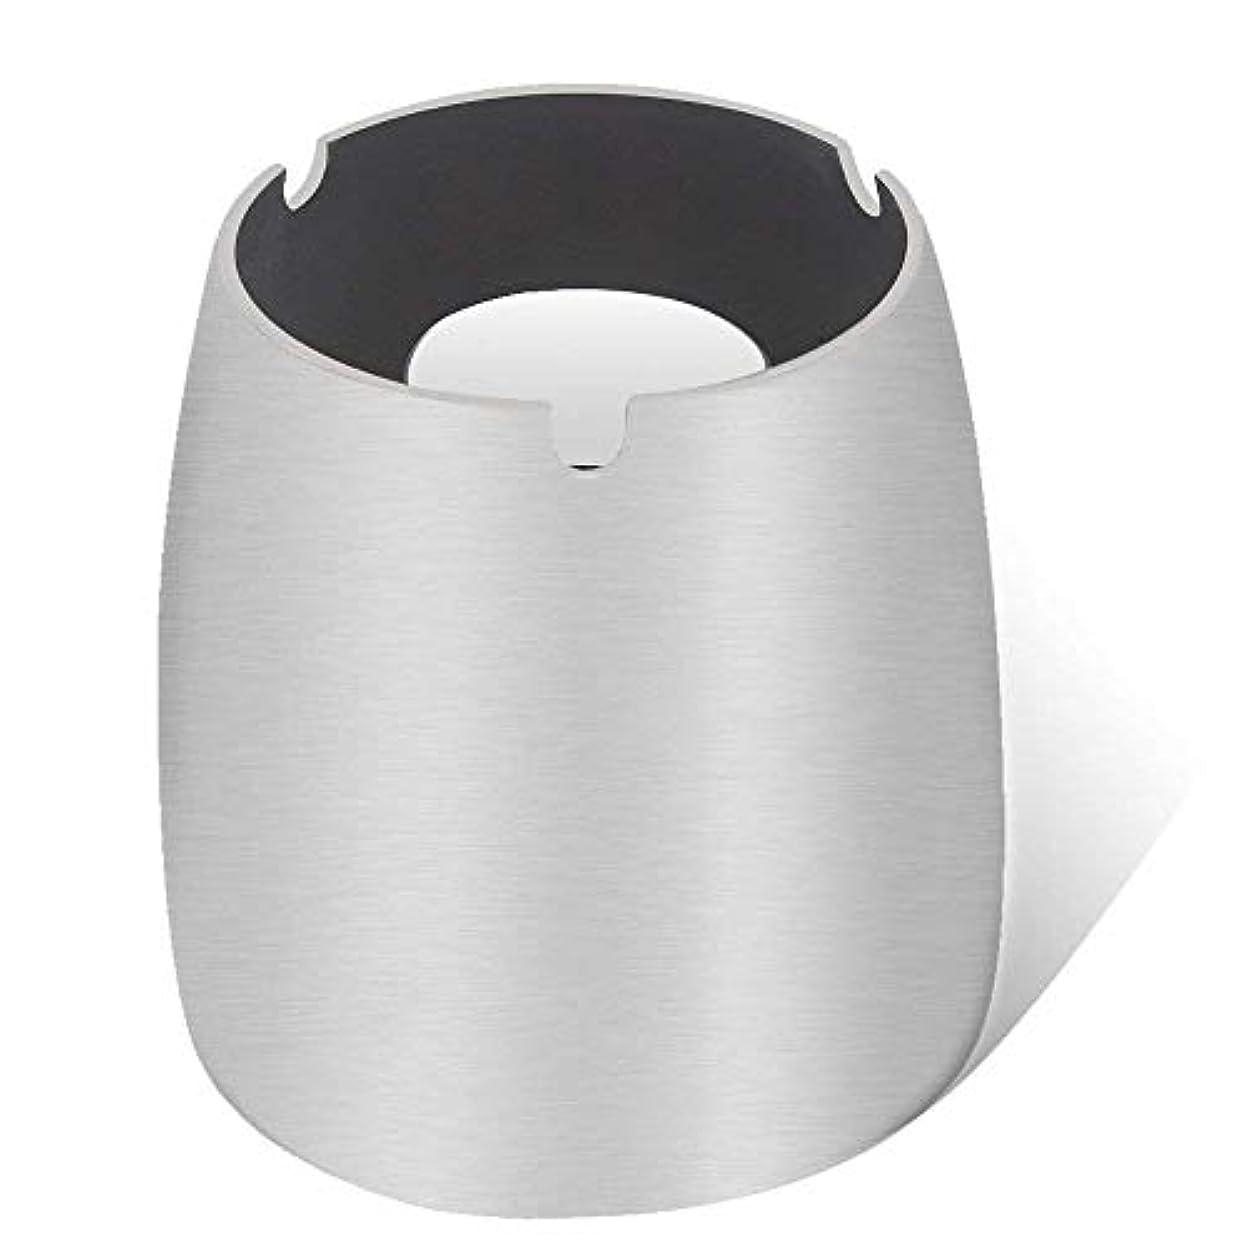 ラフ受粉する運賃灰皿、ステンレススチール風灰皿タンブルカップ、屋内または屋外用、ガーデンバルコニーシルバー